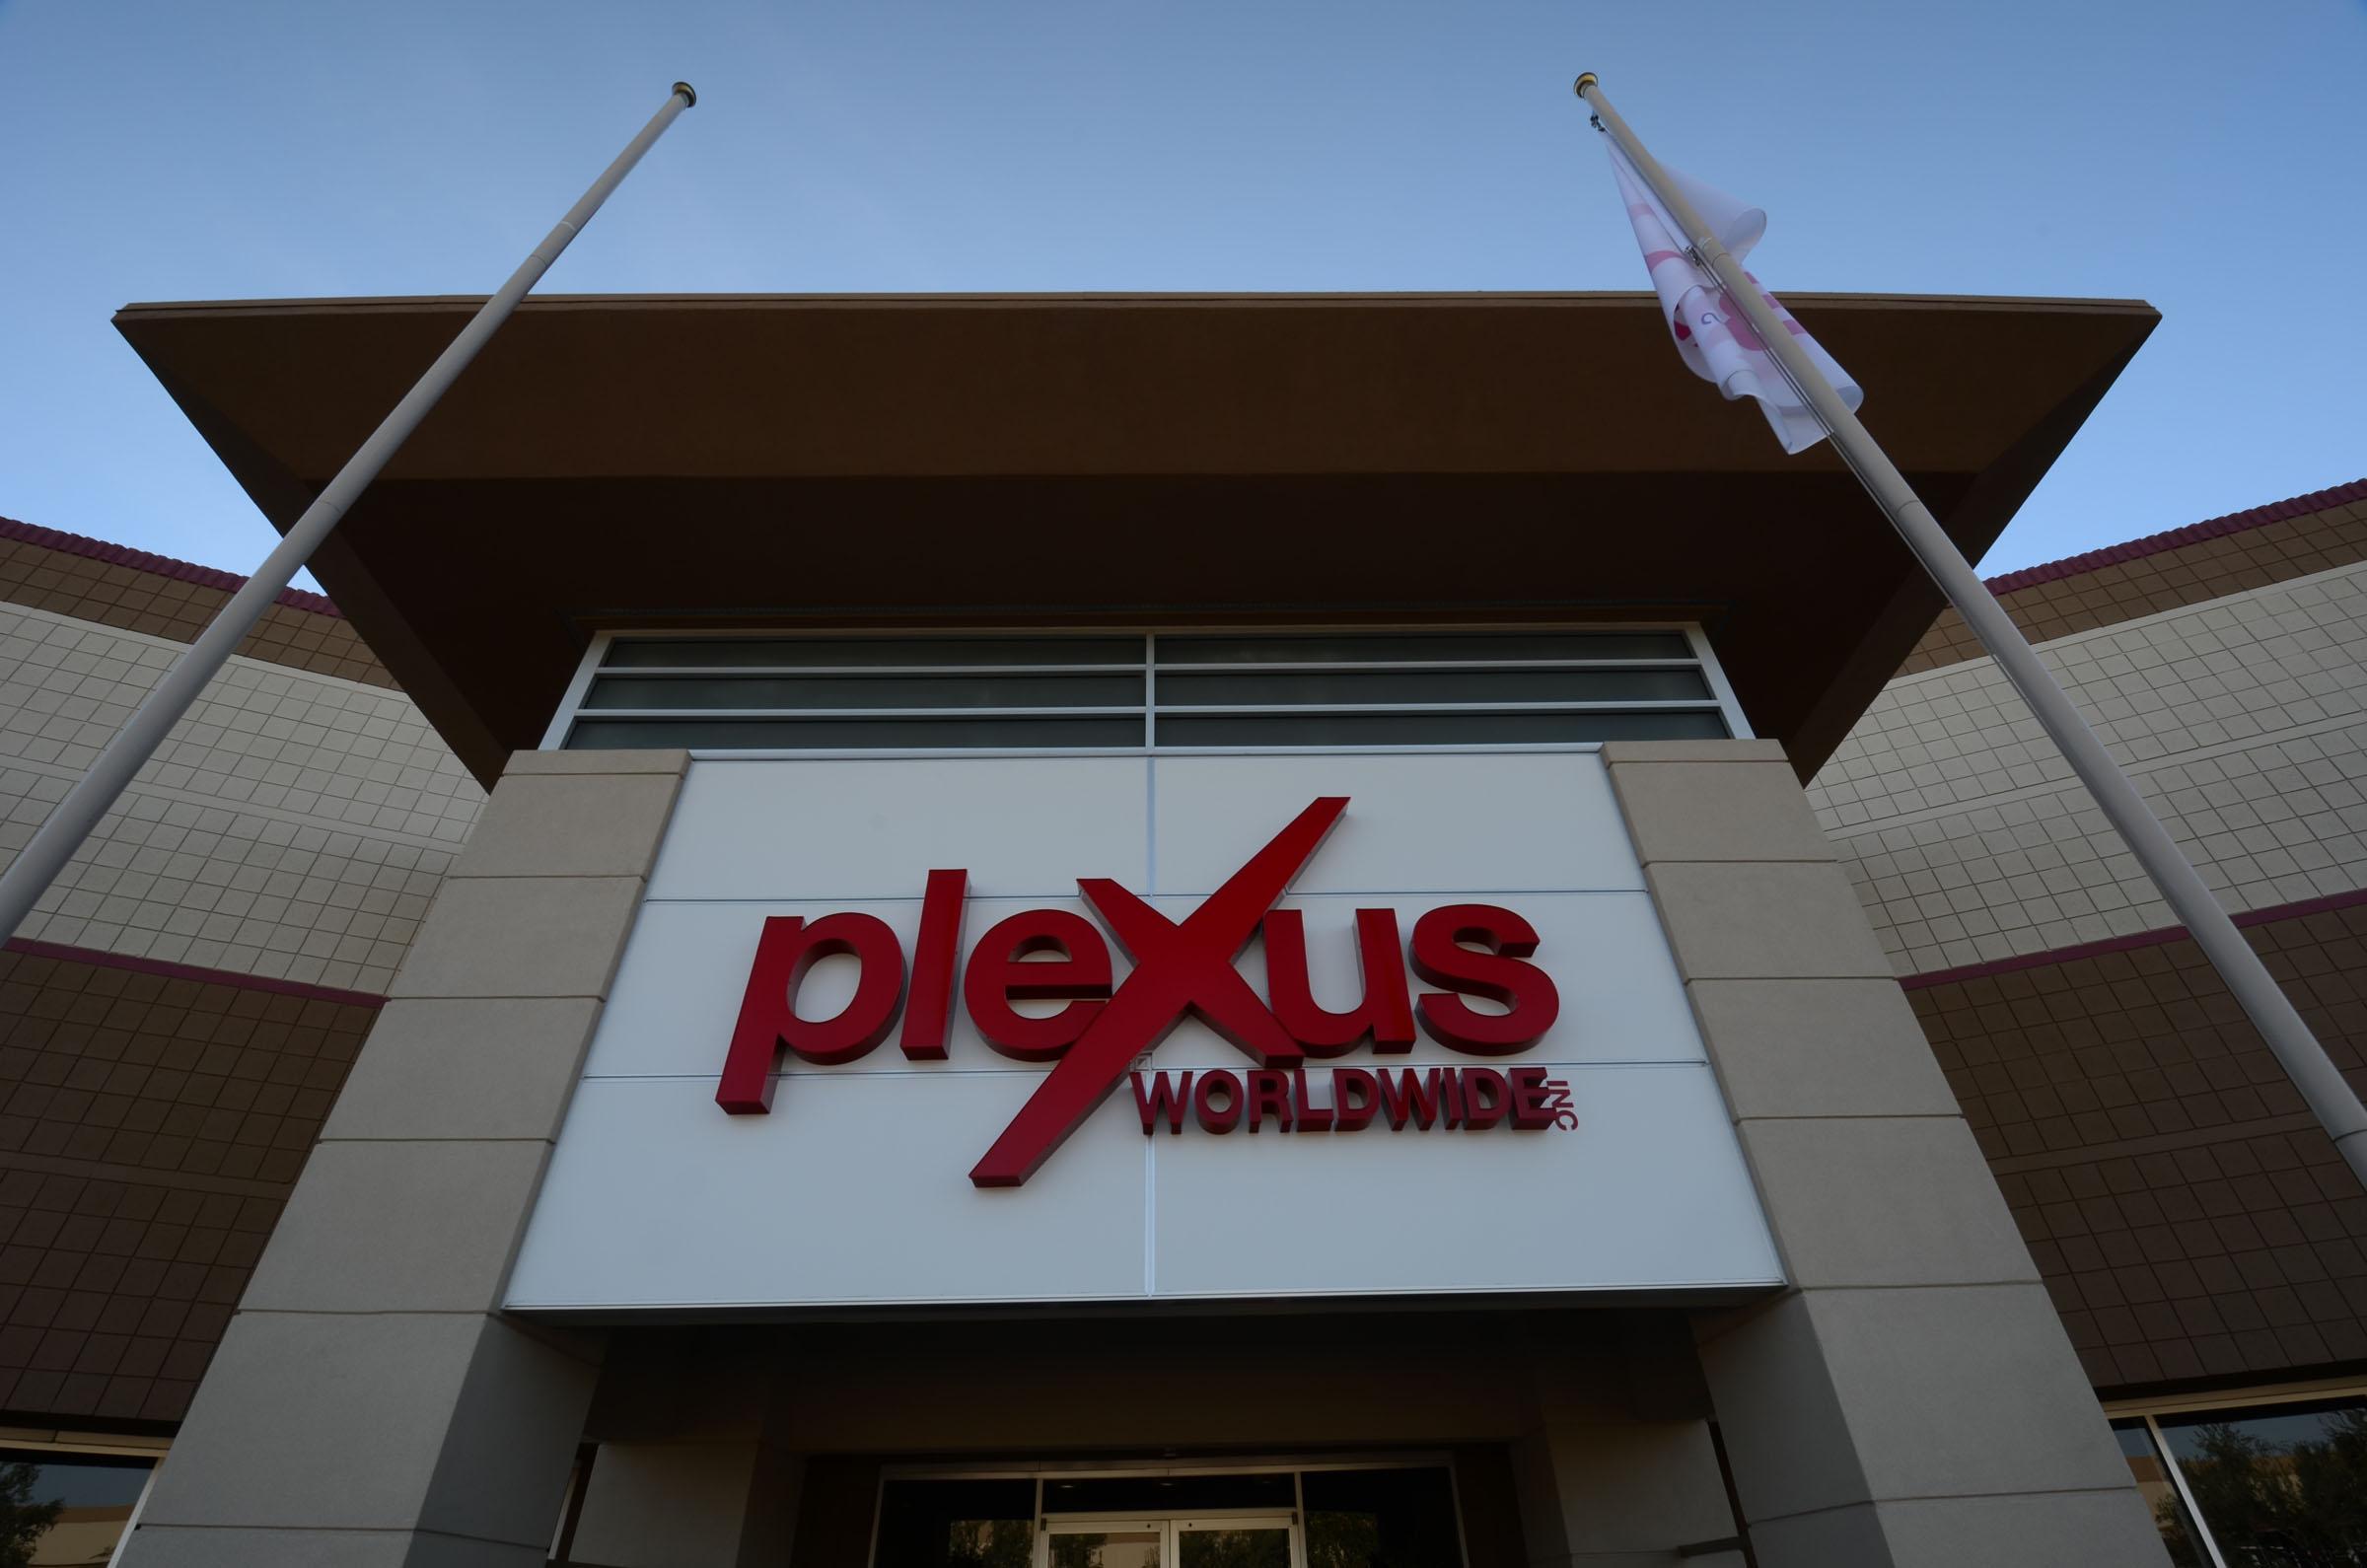 Plexus Exterior Signage